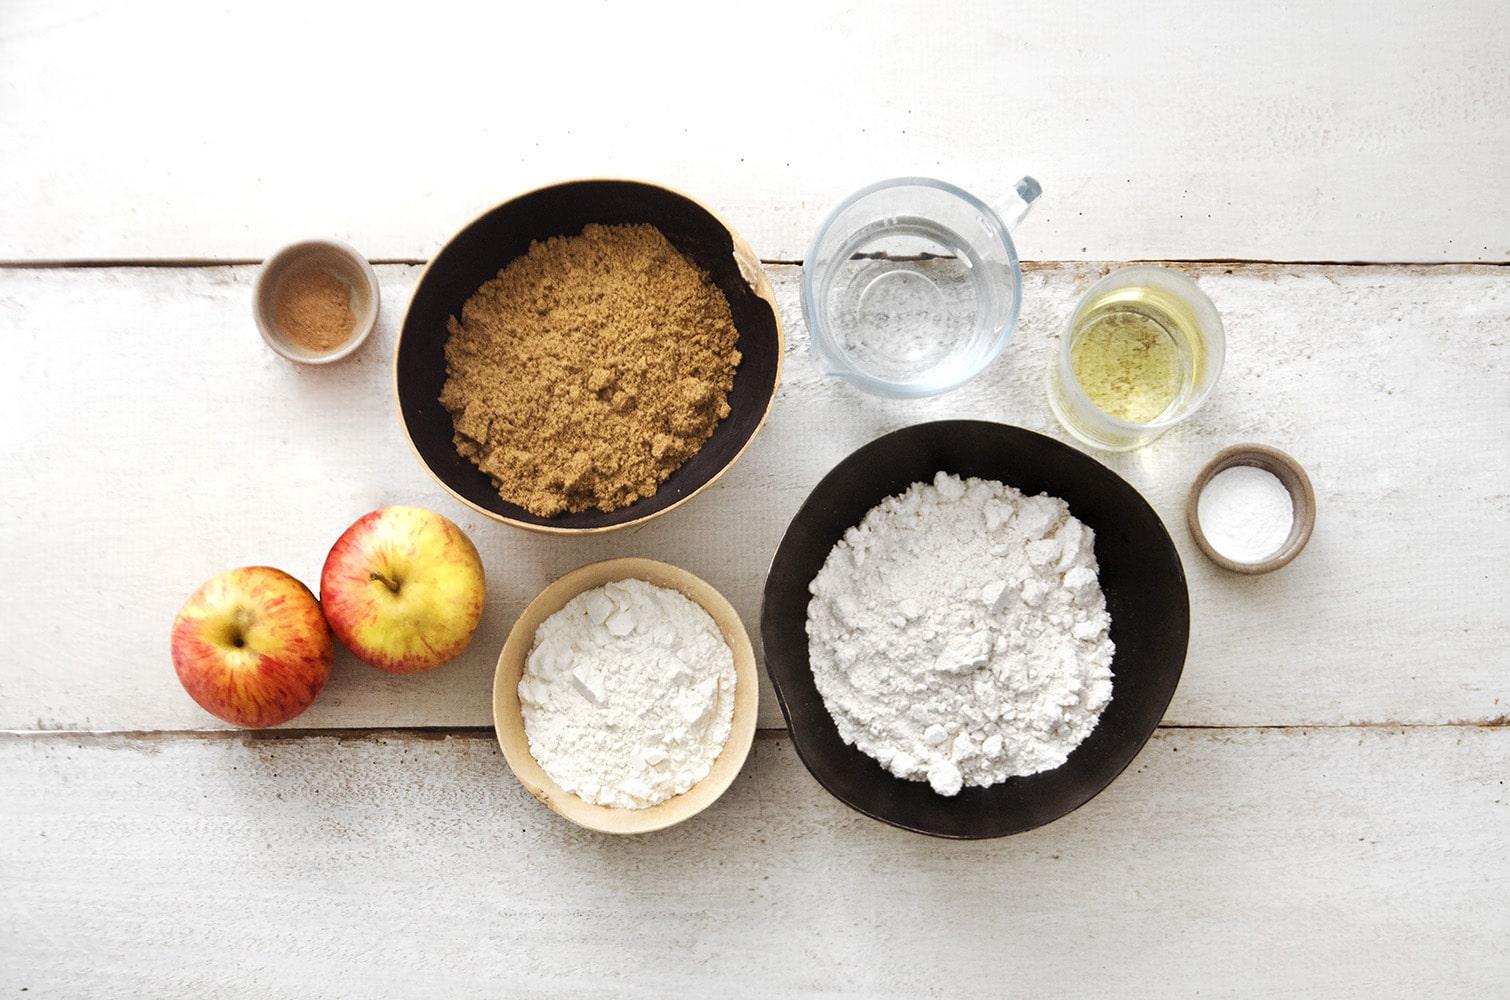 ingredientes para bolo de maçã com aveia